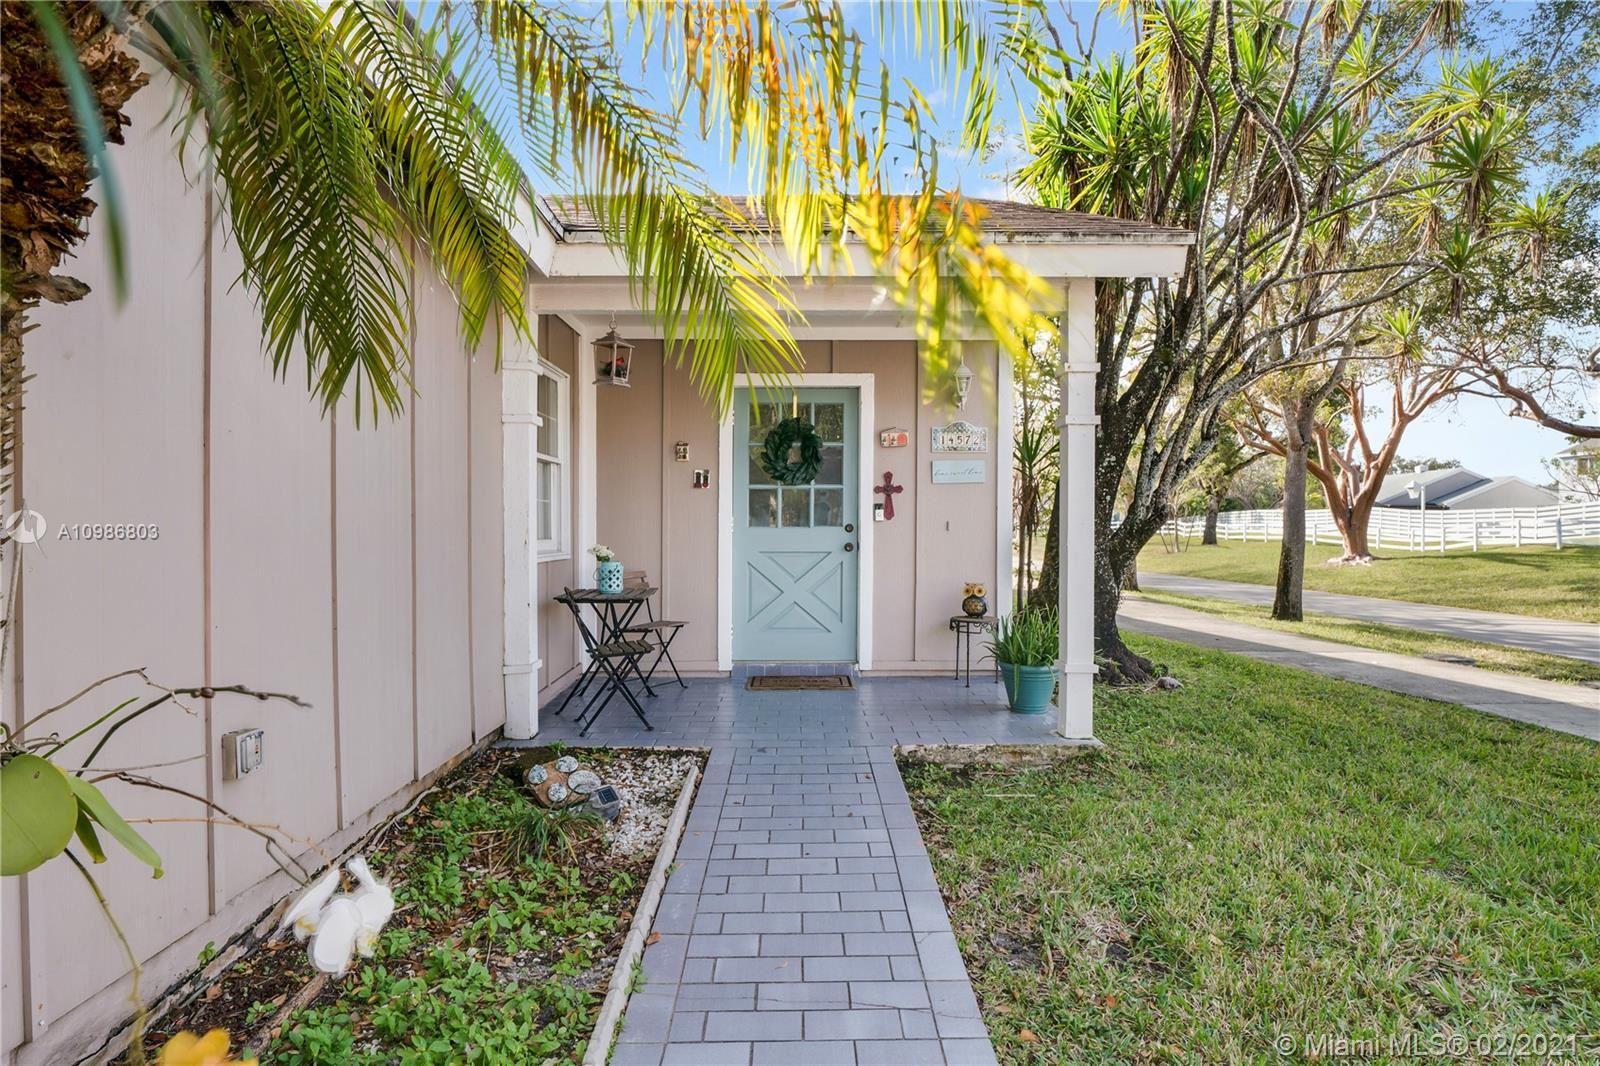 14572 SW 142nd Pl, Miami, FL 33186 - #: A10986803